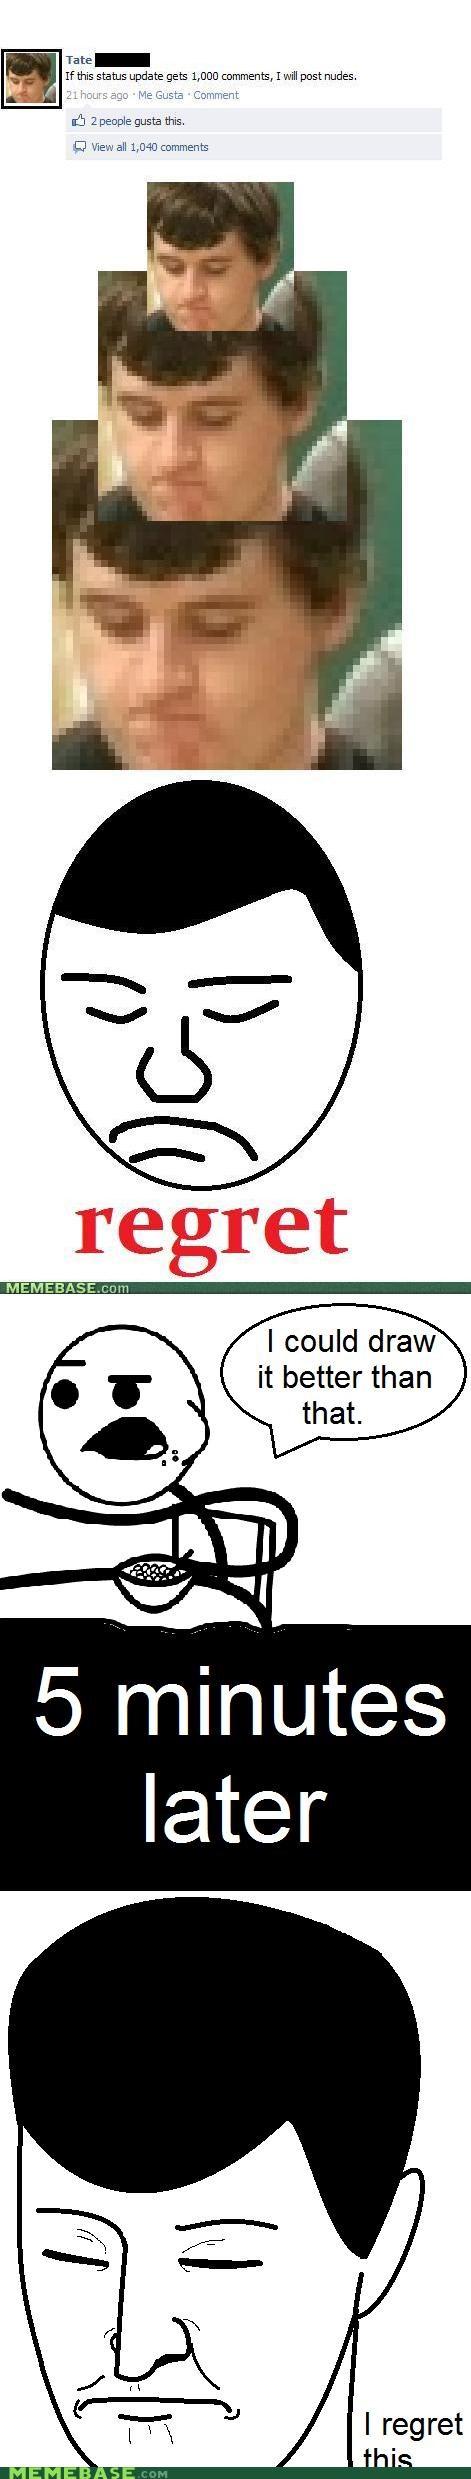 artist cereal guy facebook Memes Reframe regret - 4969314304